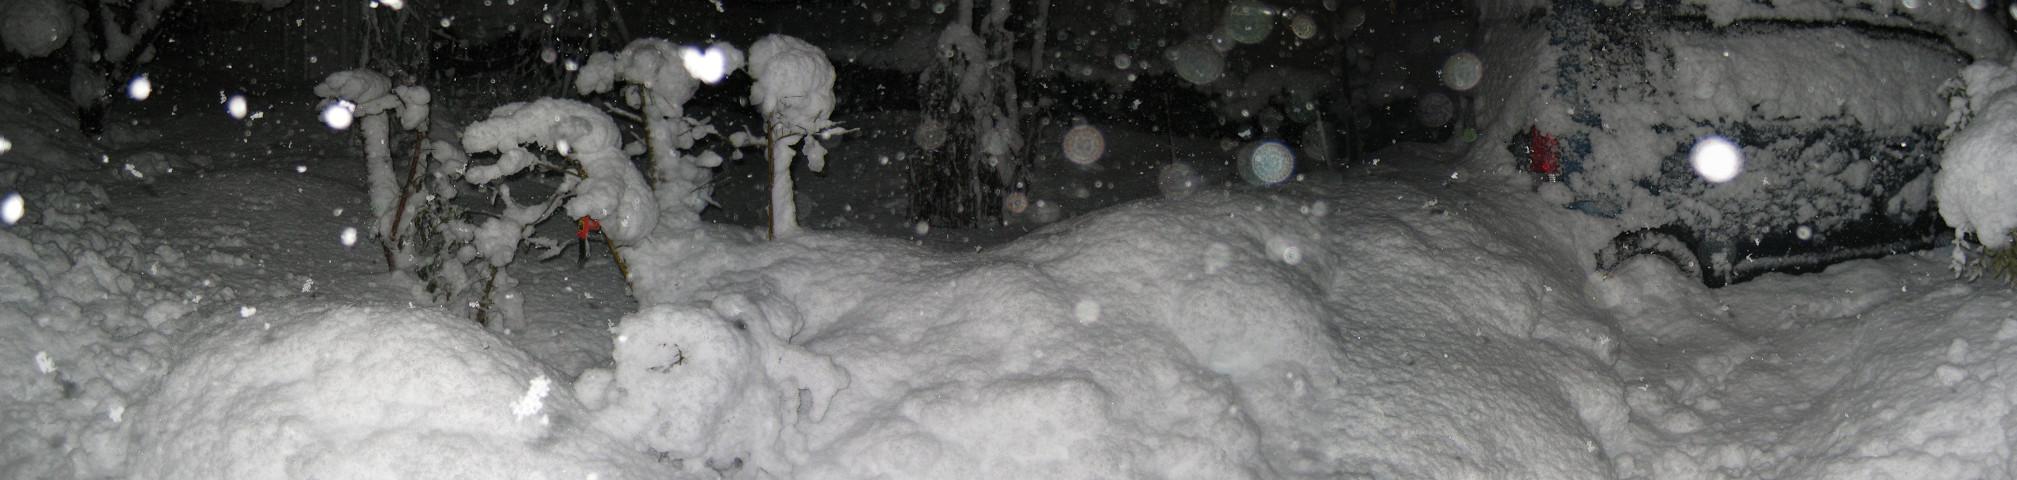 2010_12_31.jpg